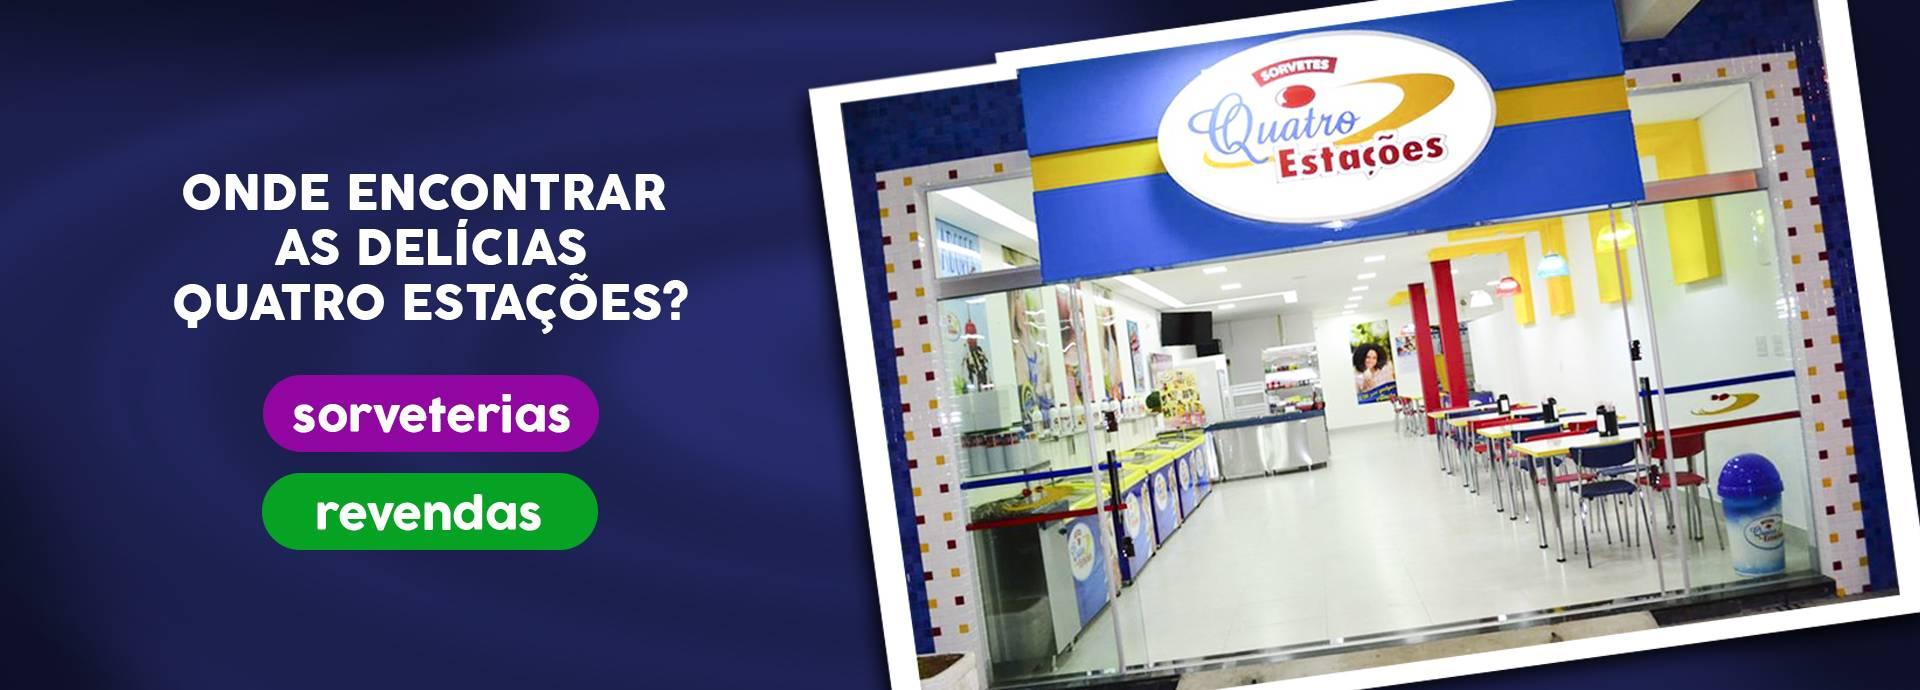 Onde encontrar as delícias quatro estações? Clique e ache nossas sorveterias ou revendas.